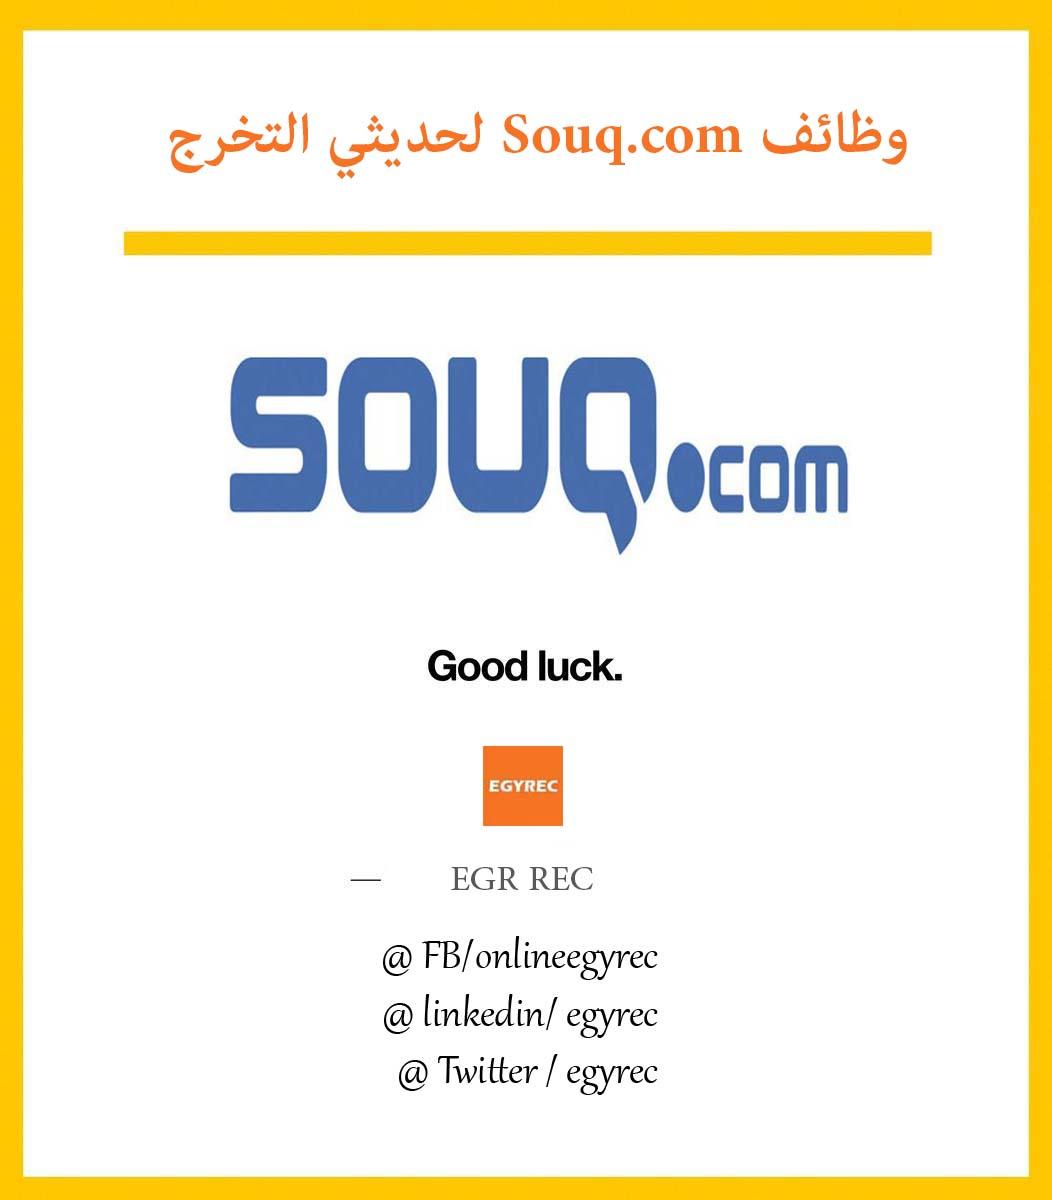 وظائف Souq com - Egy Rec توظيف